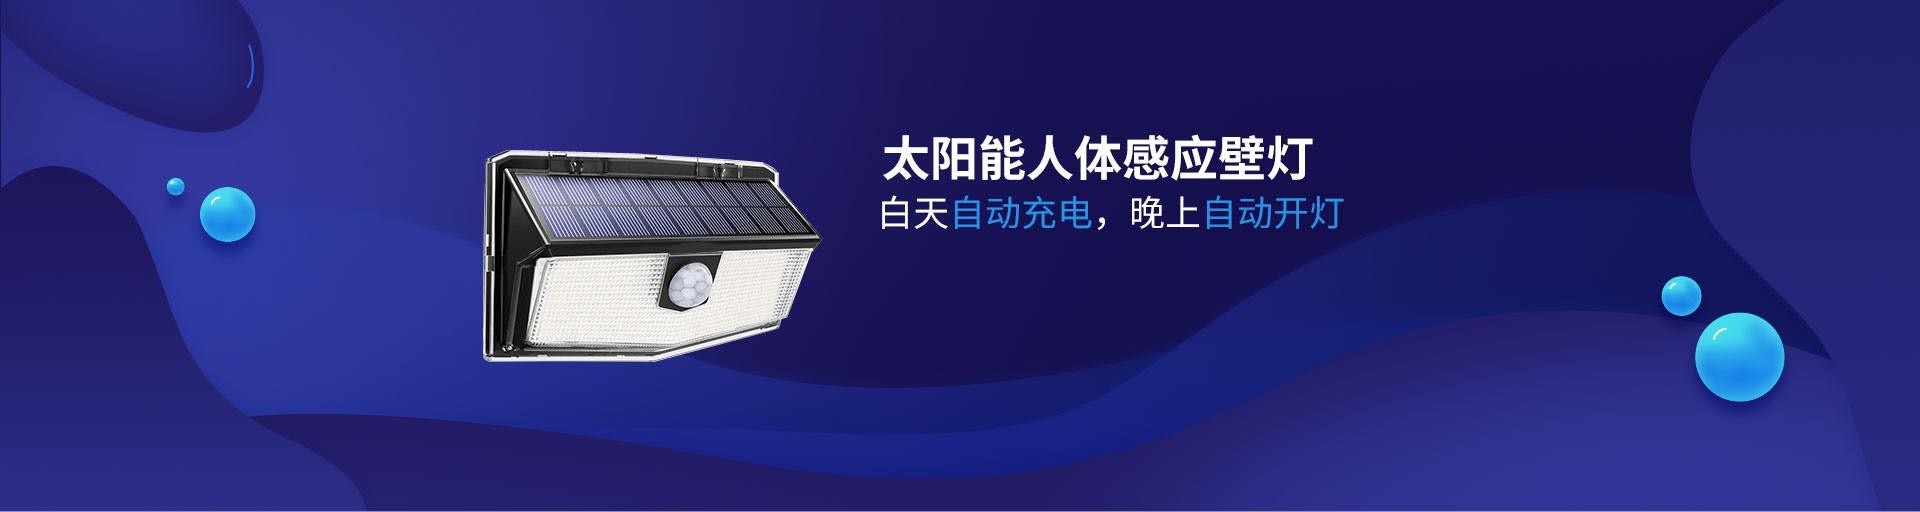 太阳能人体感应壁灯